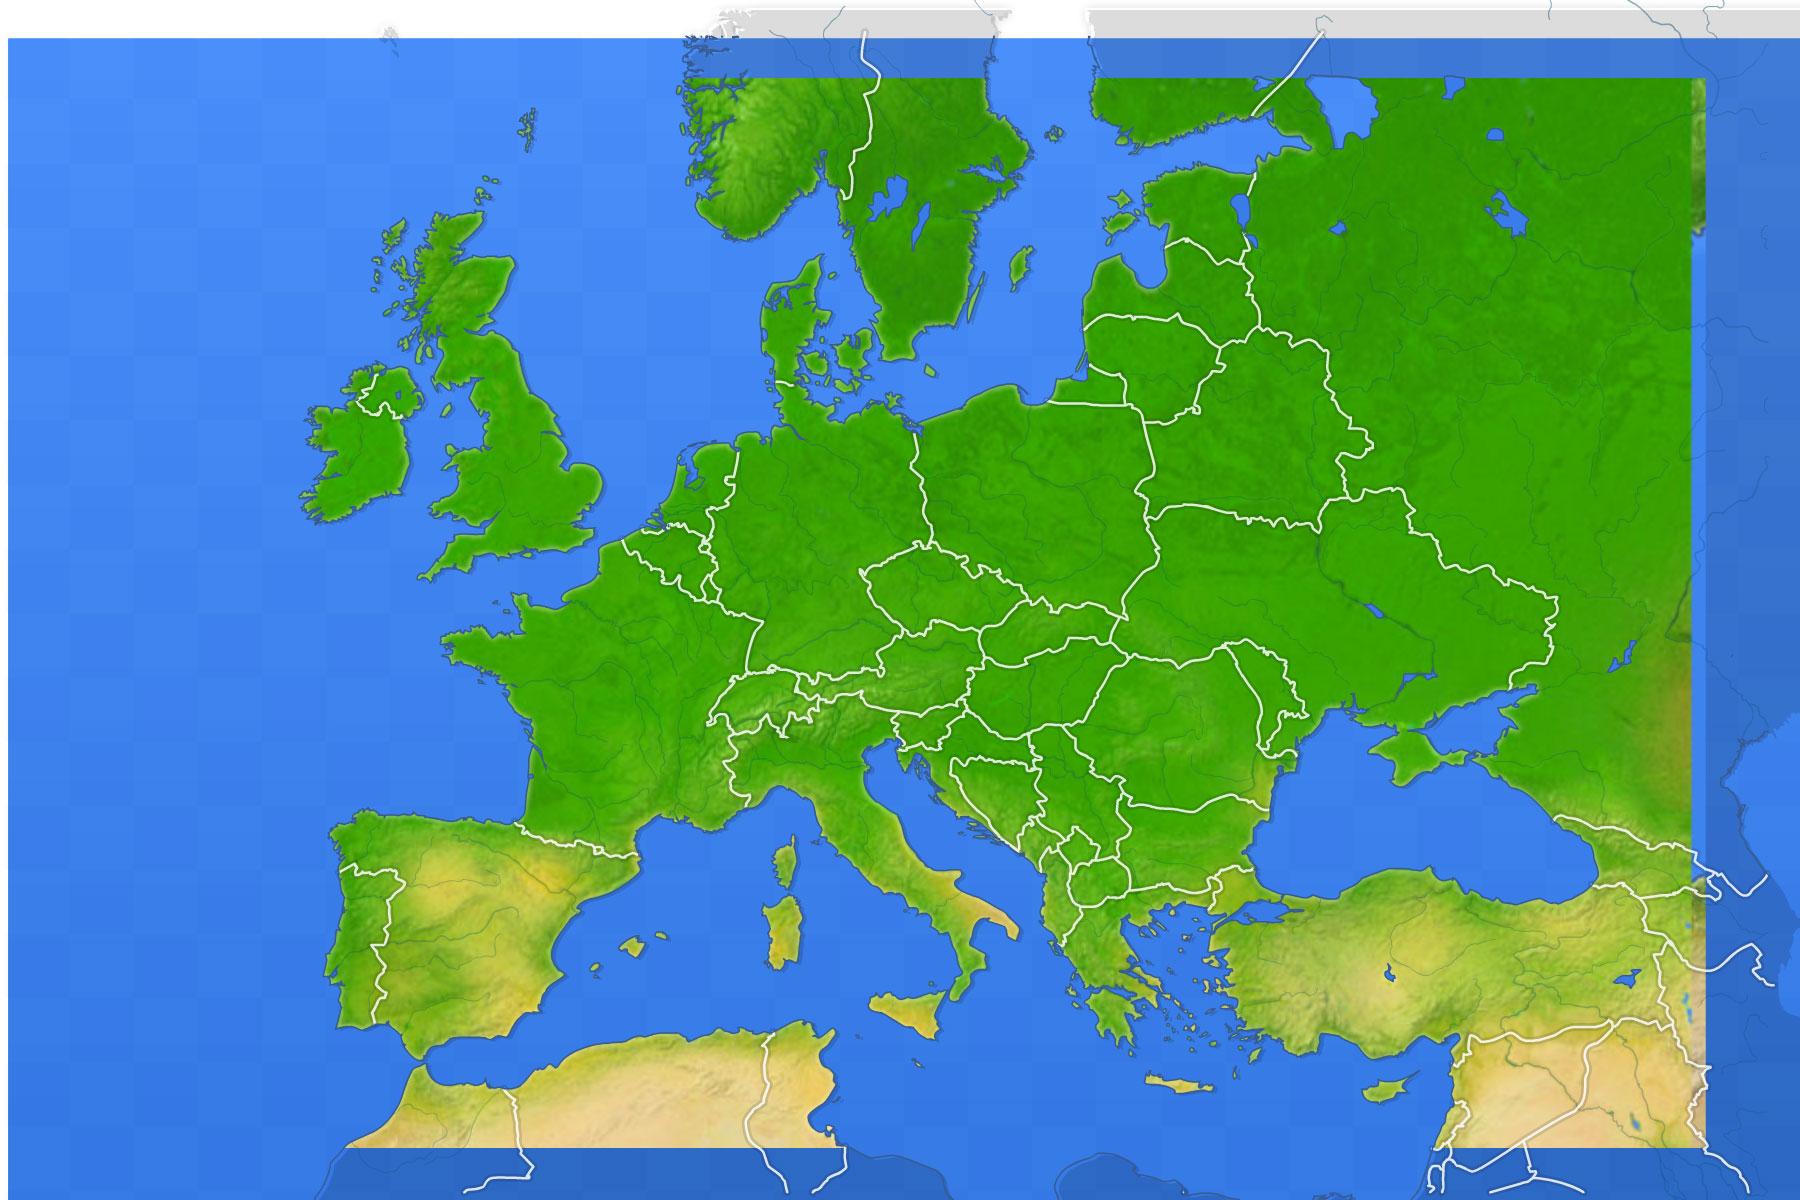 Jeux-Geographiques Jeux Gratuits Jeu Villes D Europe dedans Jeu Geographie Ville De France